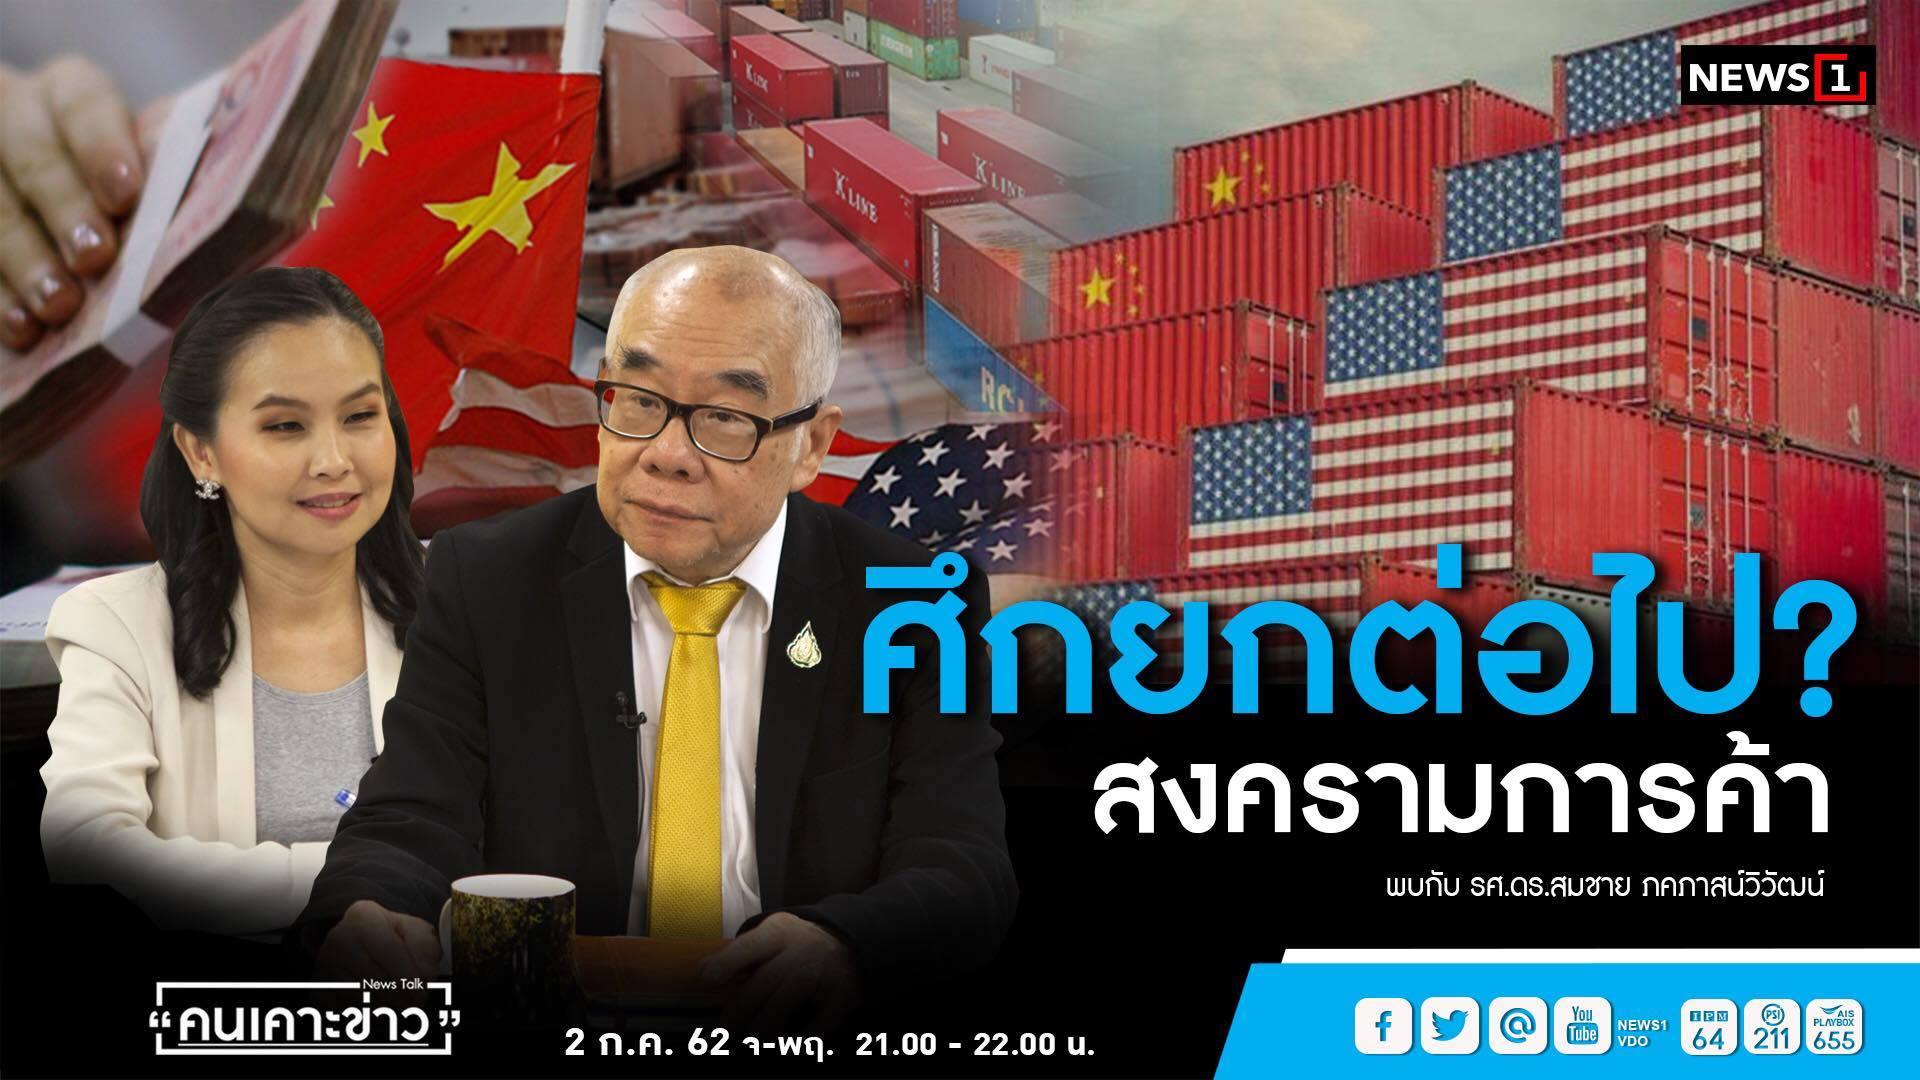 """""""รศ.ดร.สมชาย"""" ชี้ ศก.อเมริกาขาลงเหตุยอมพักรบจีน หากยื้อต่อเจ็บทั้งคู่"""